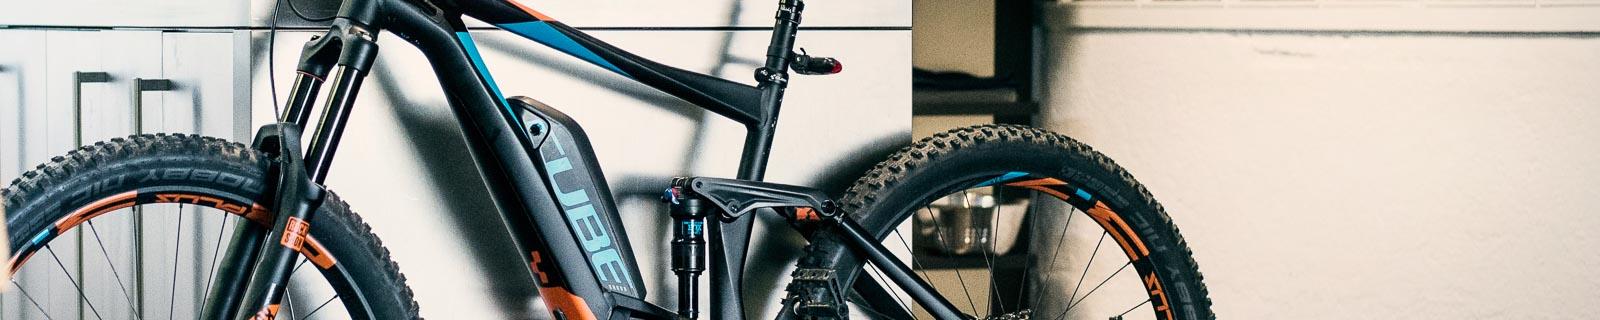 29 pollici E-Bike Fully Mountainbikes (E-Mountainbikes)